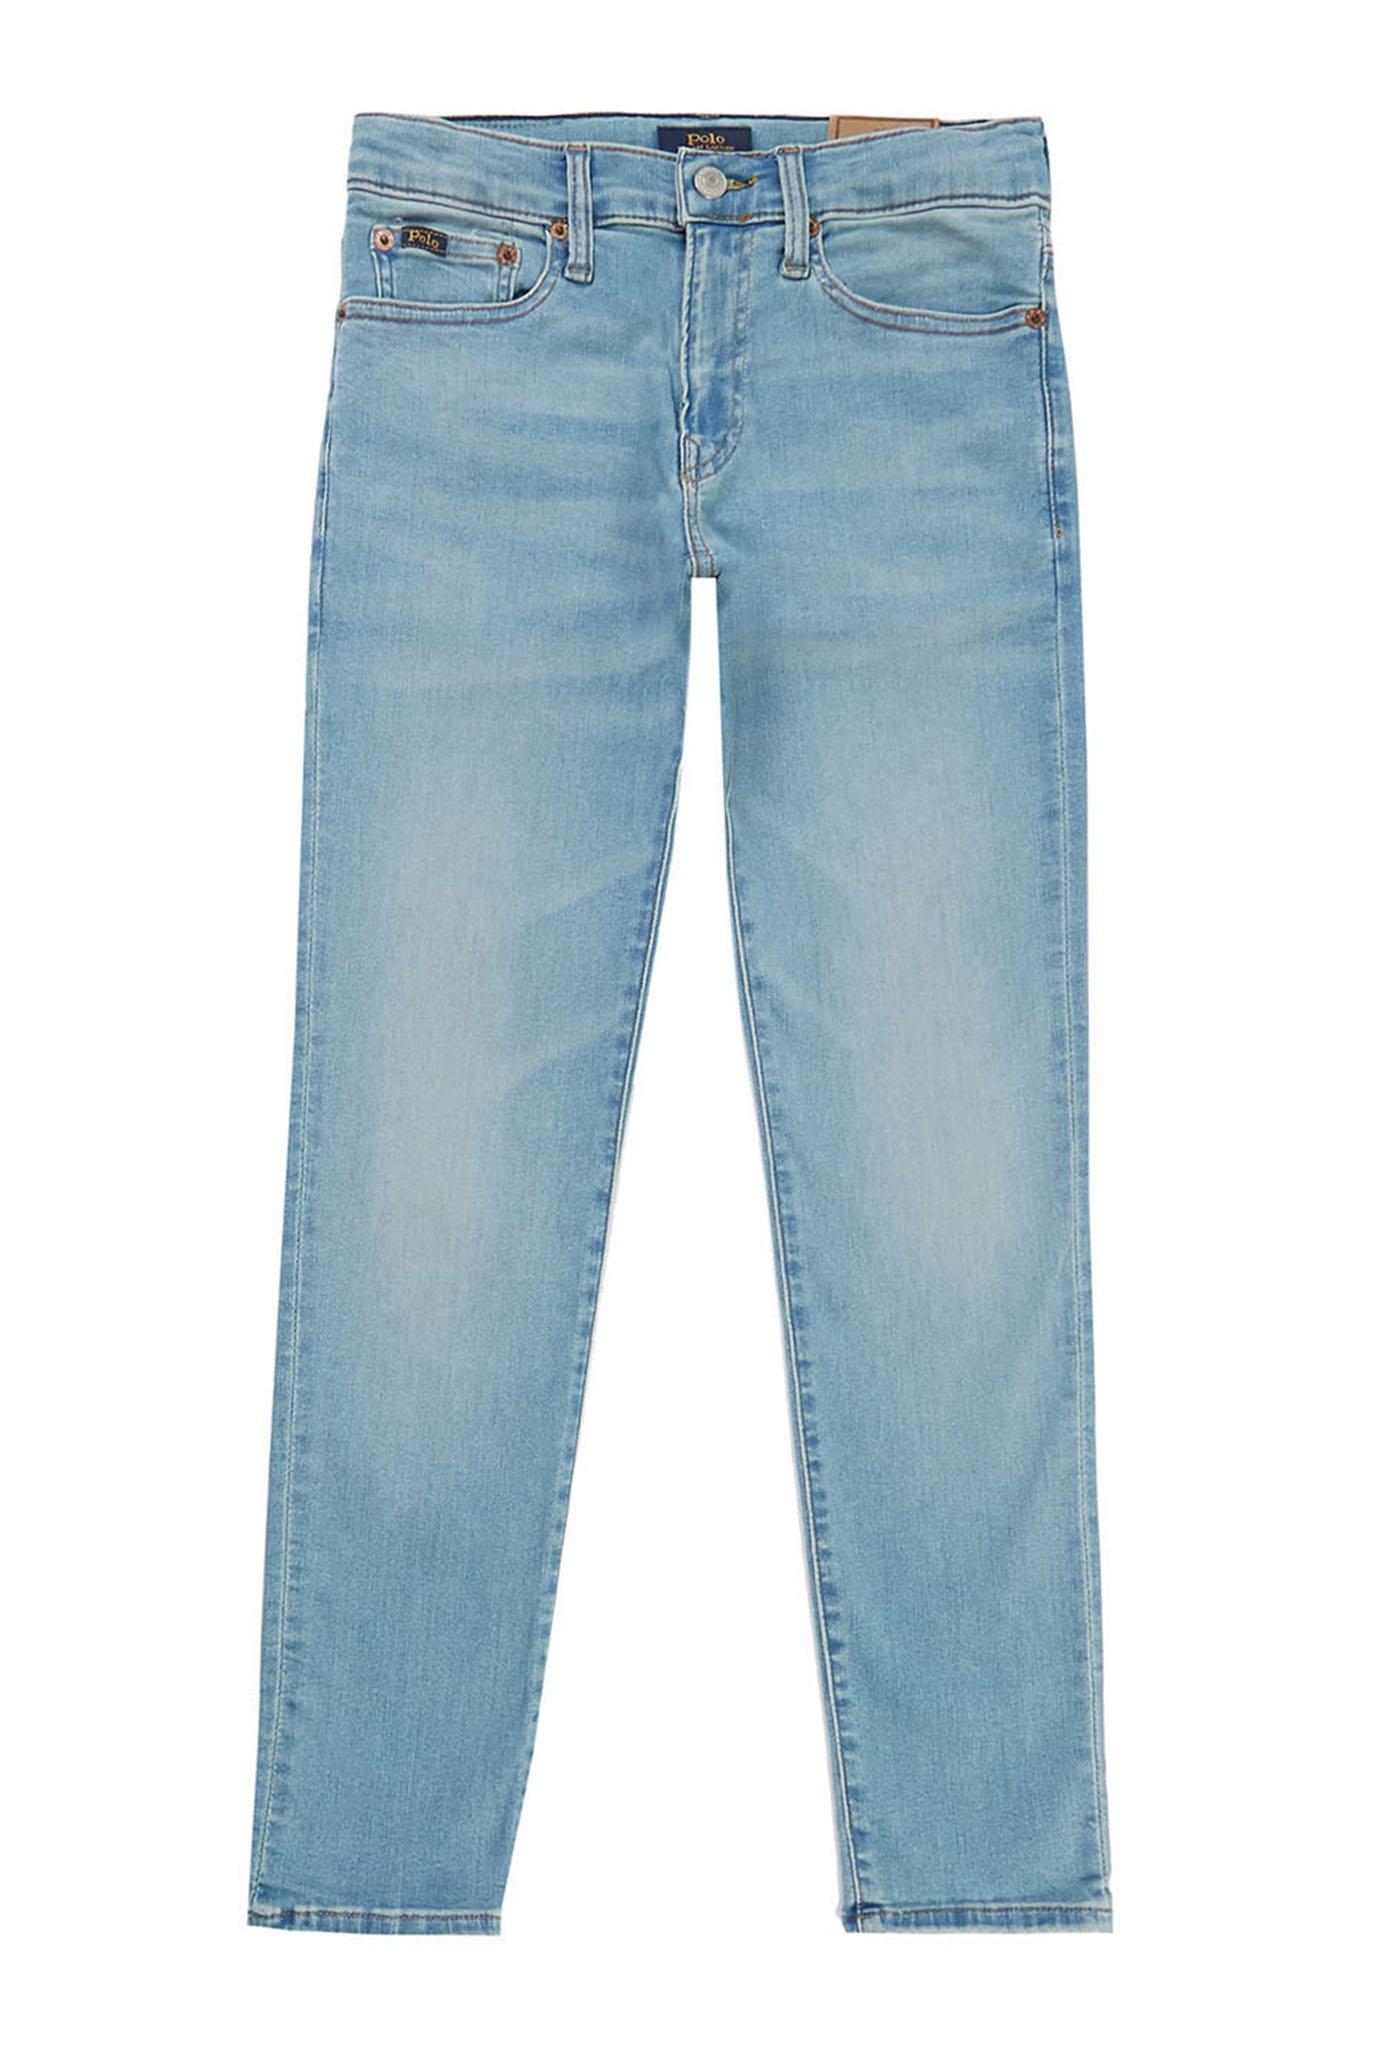 Детские голубые джинсы 1